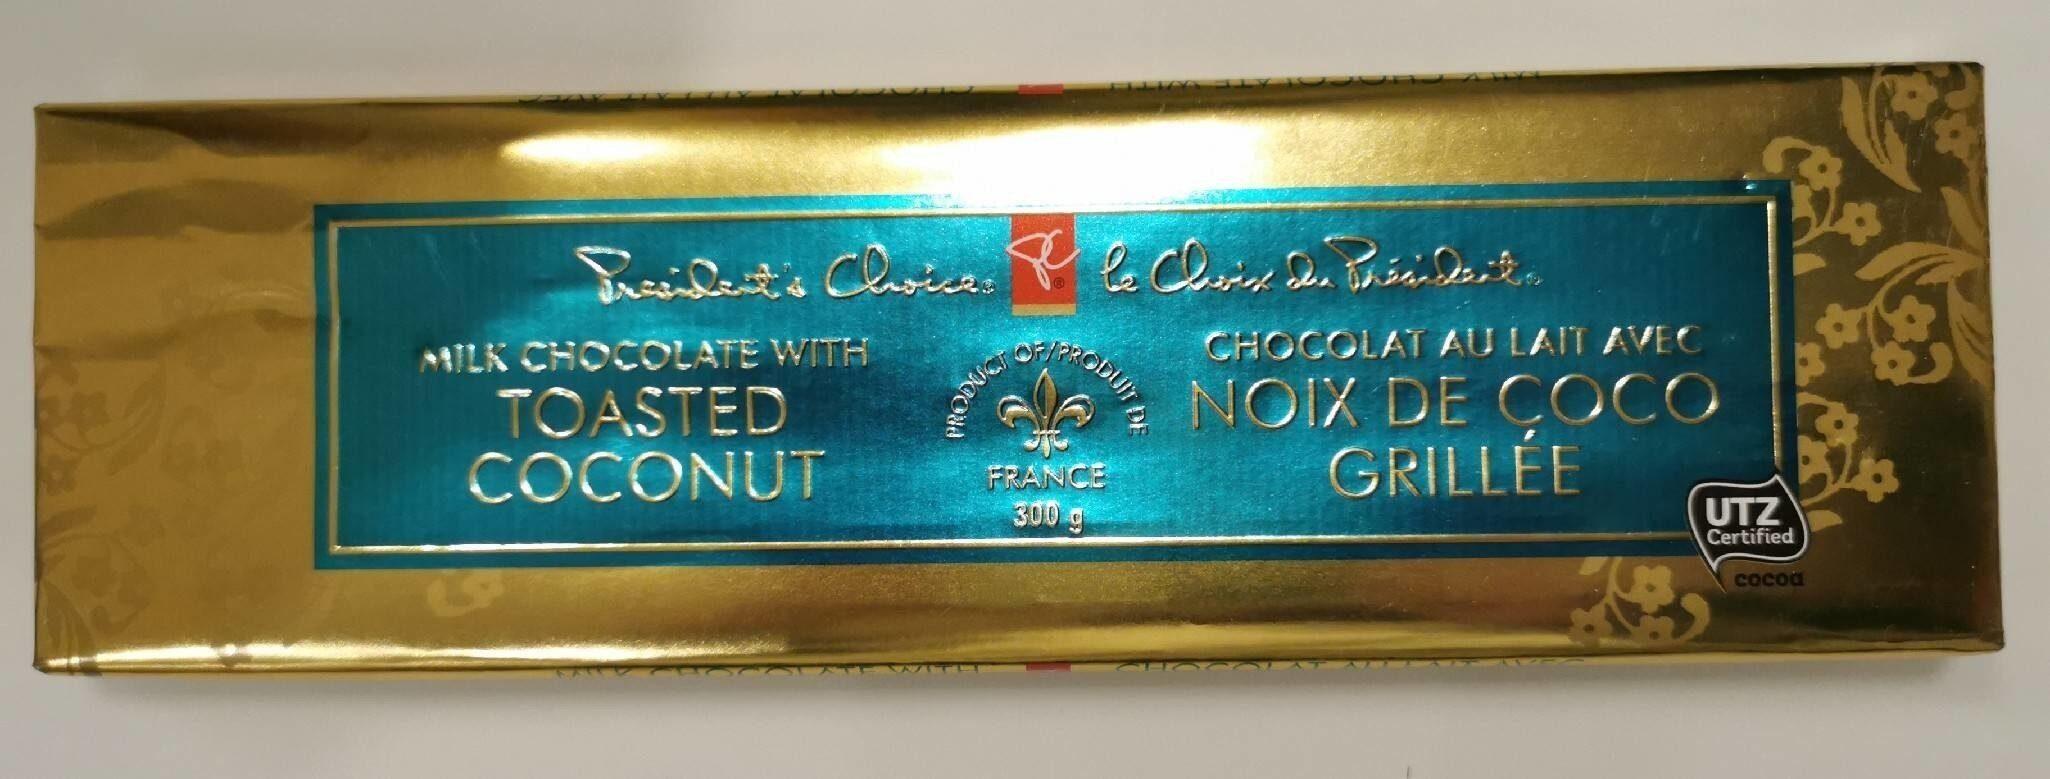 Chocolat au lait avec noix de coco - Product - fr